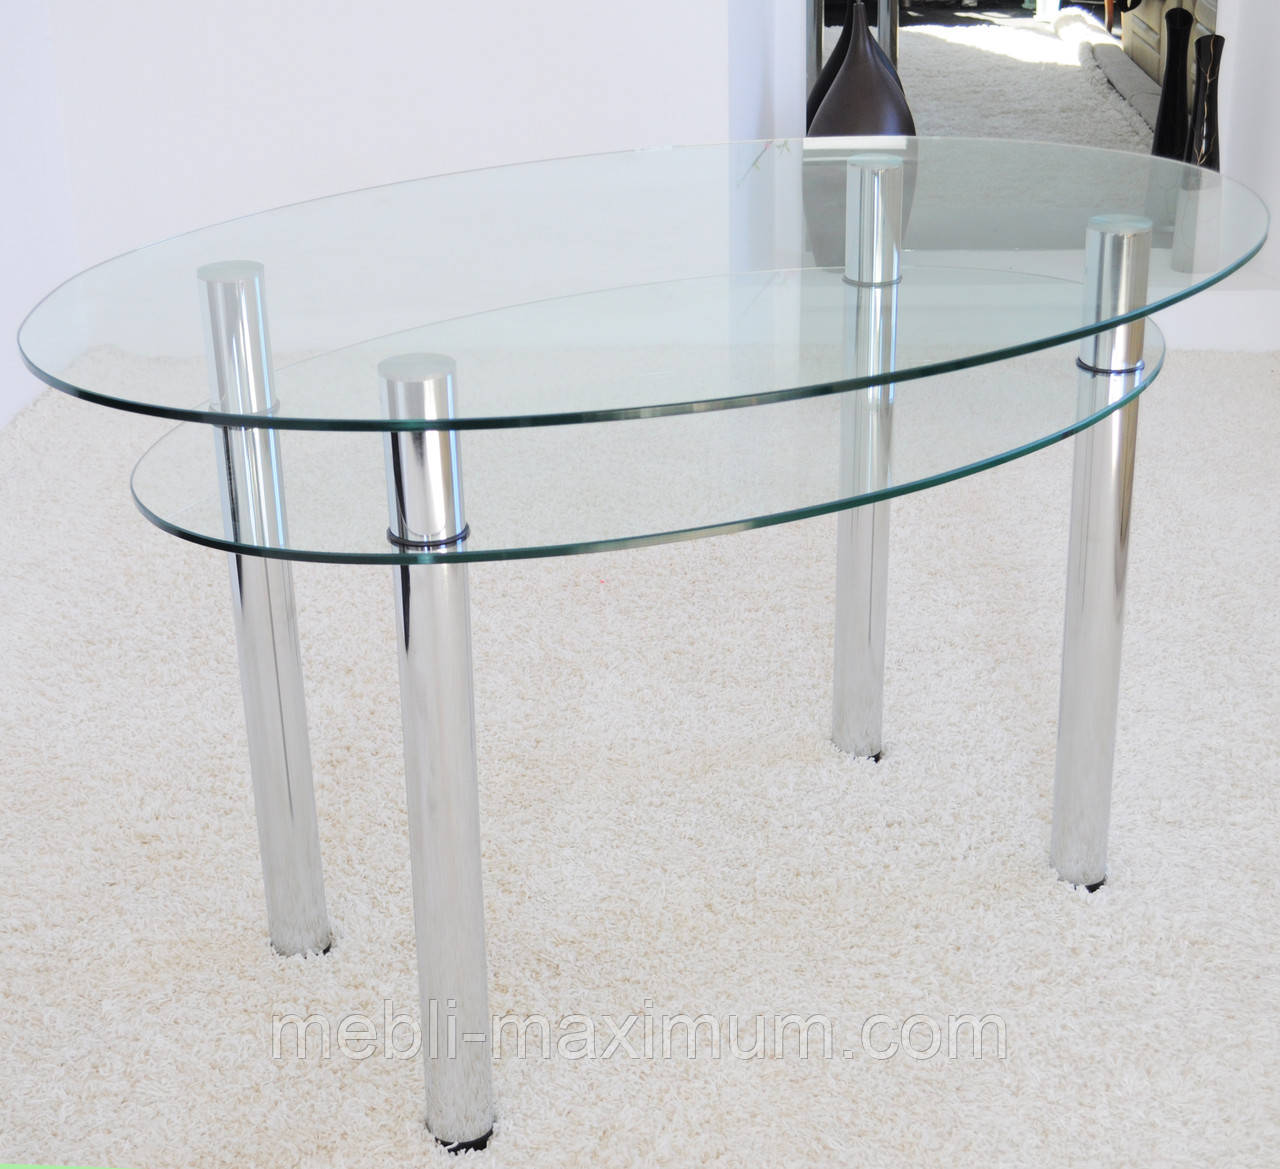 """Стол кухонный Maxi DT O 1240/830 (2) """"прозрачный"""" стекло, хром, фото 1"""